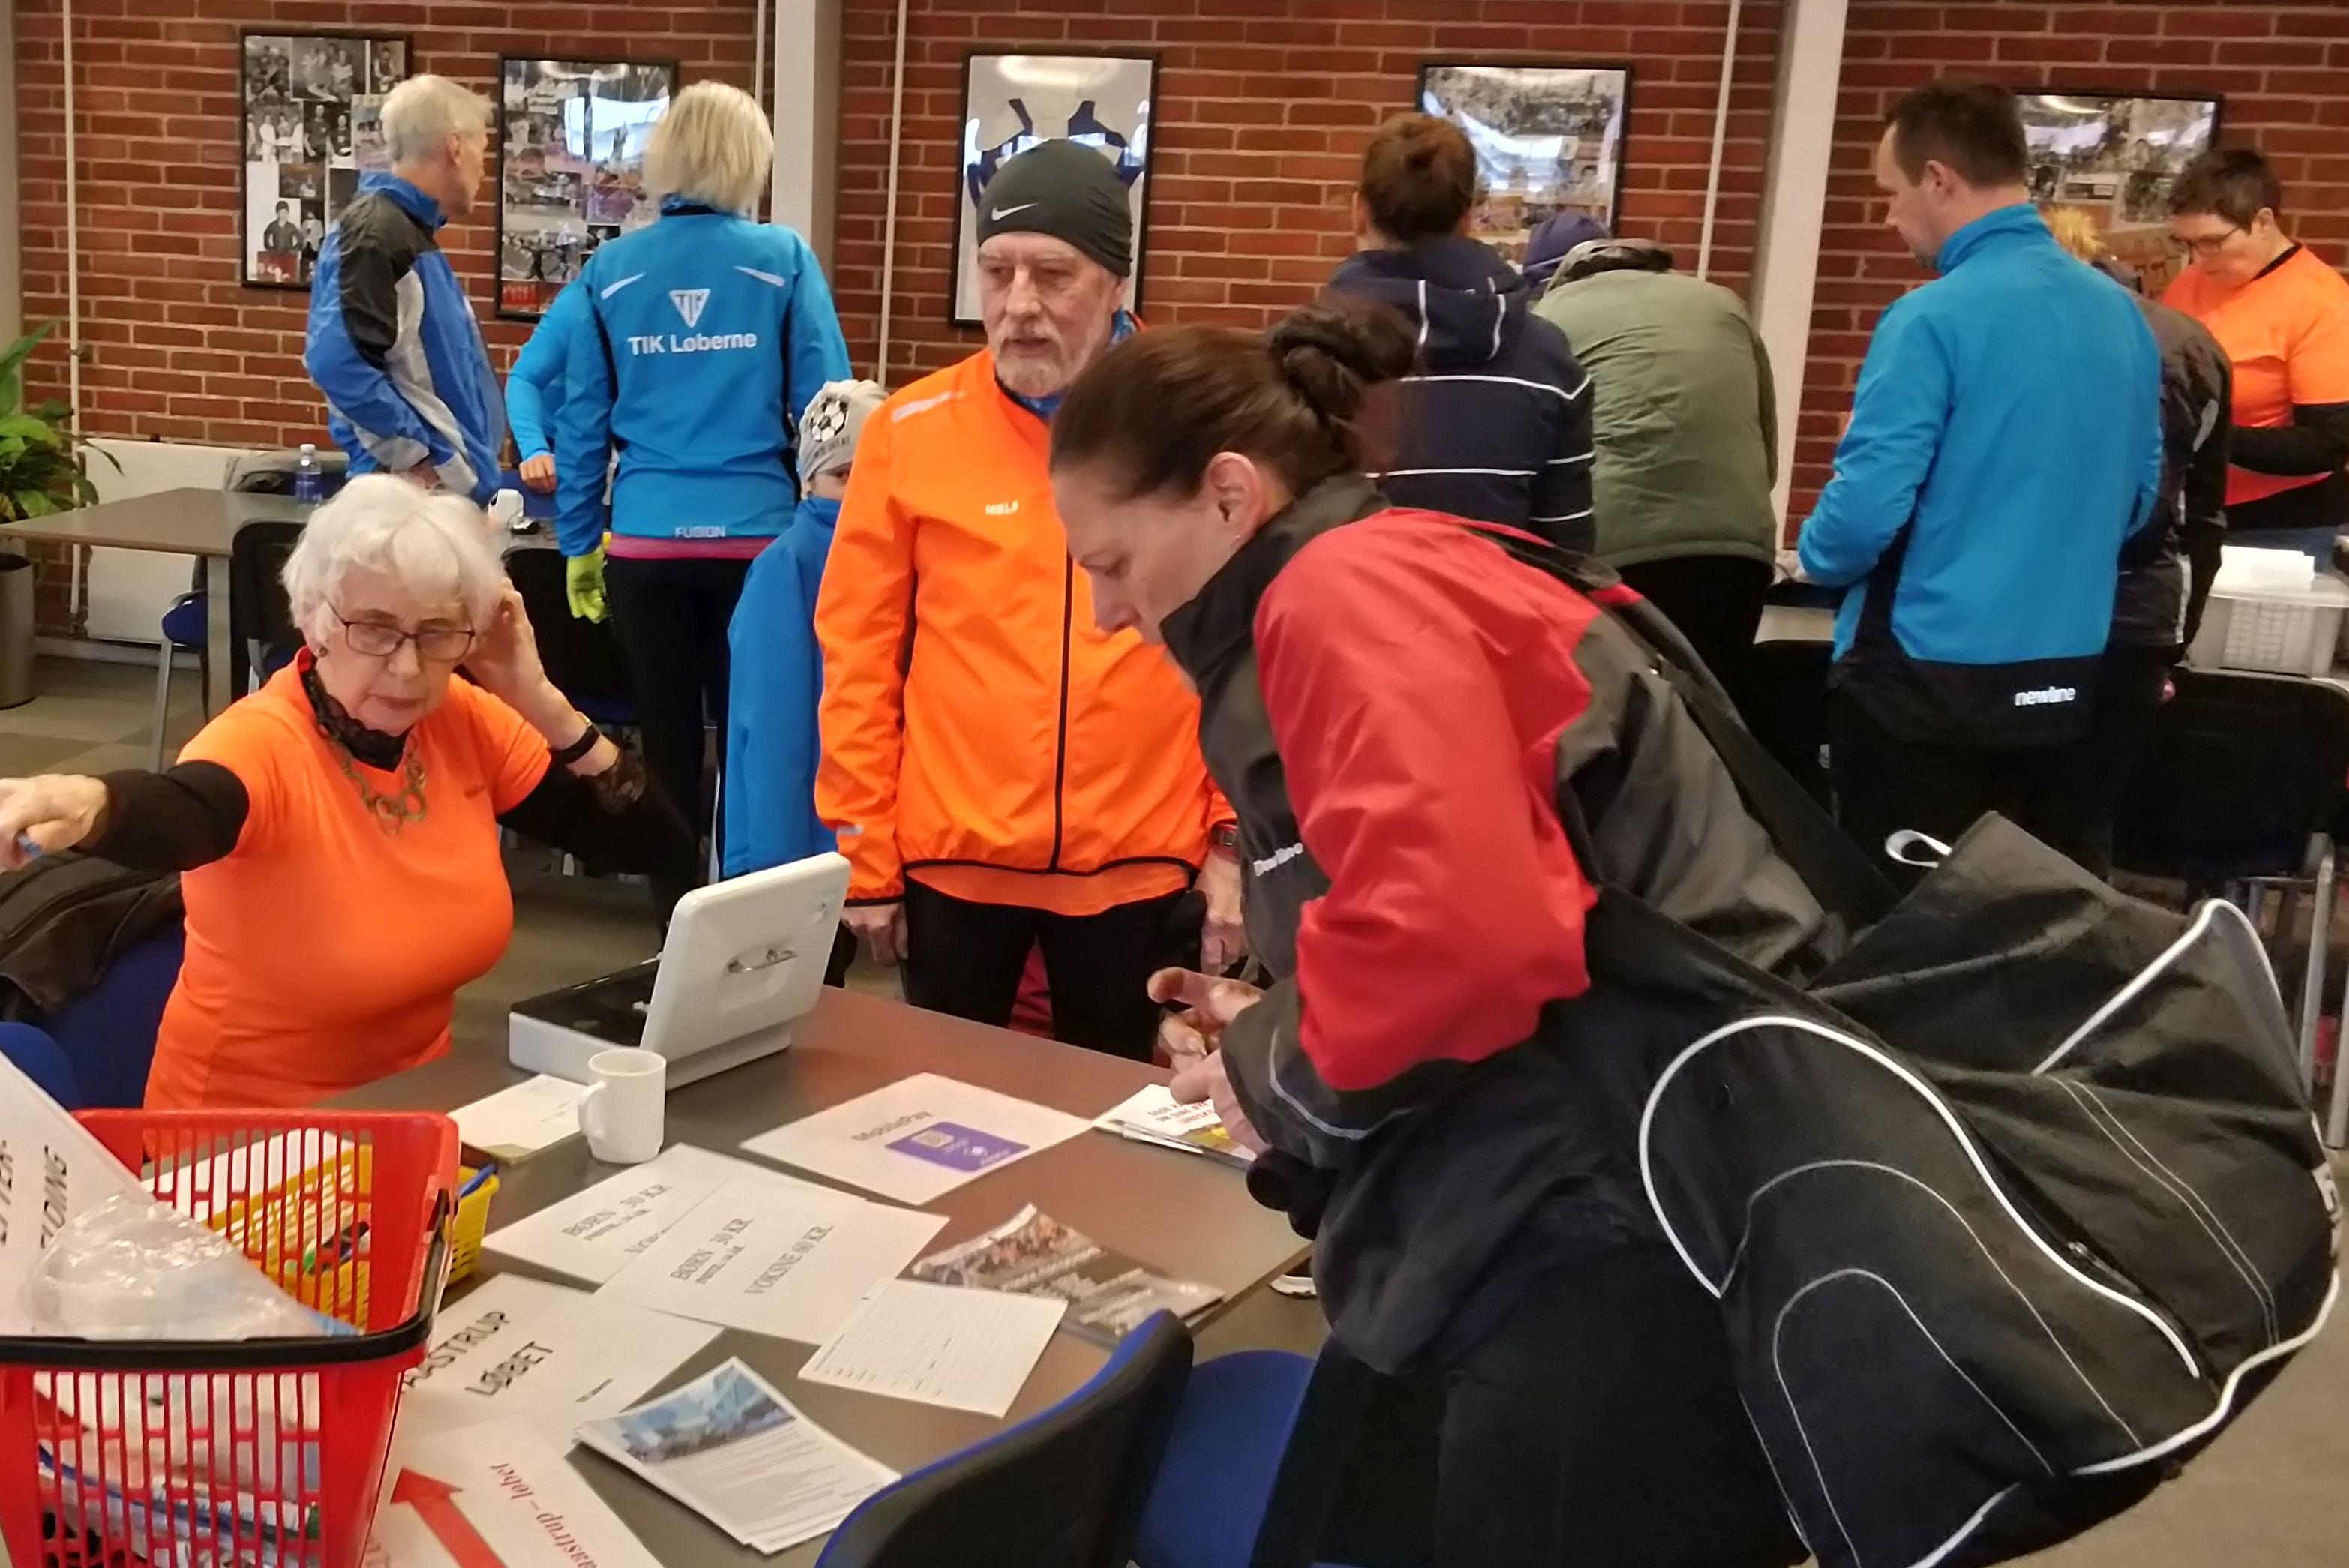 2020-02-09-265-Taastrup-Løbet-2020-02